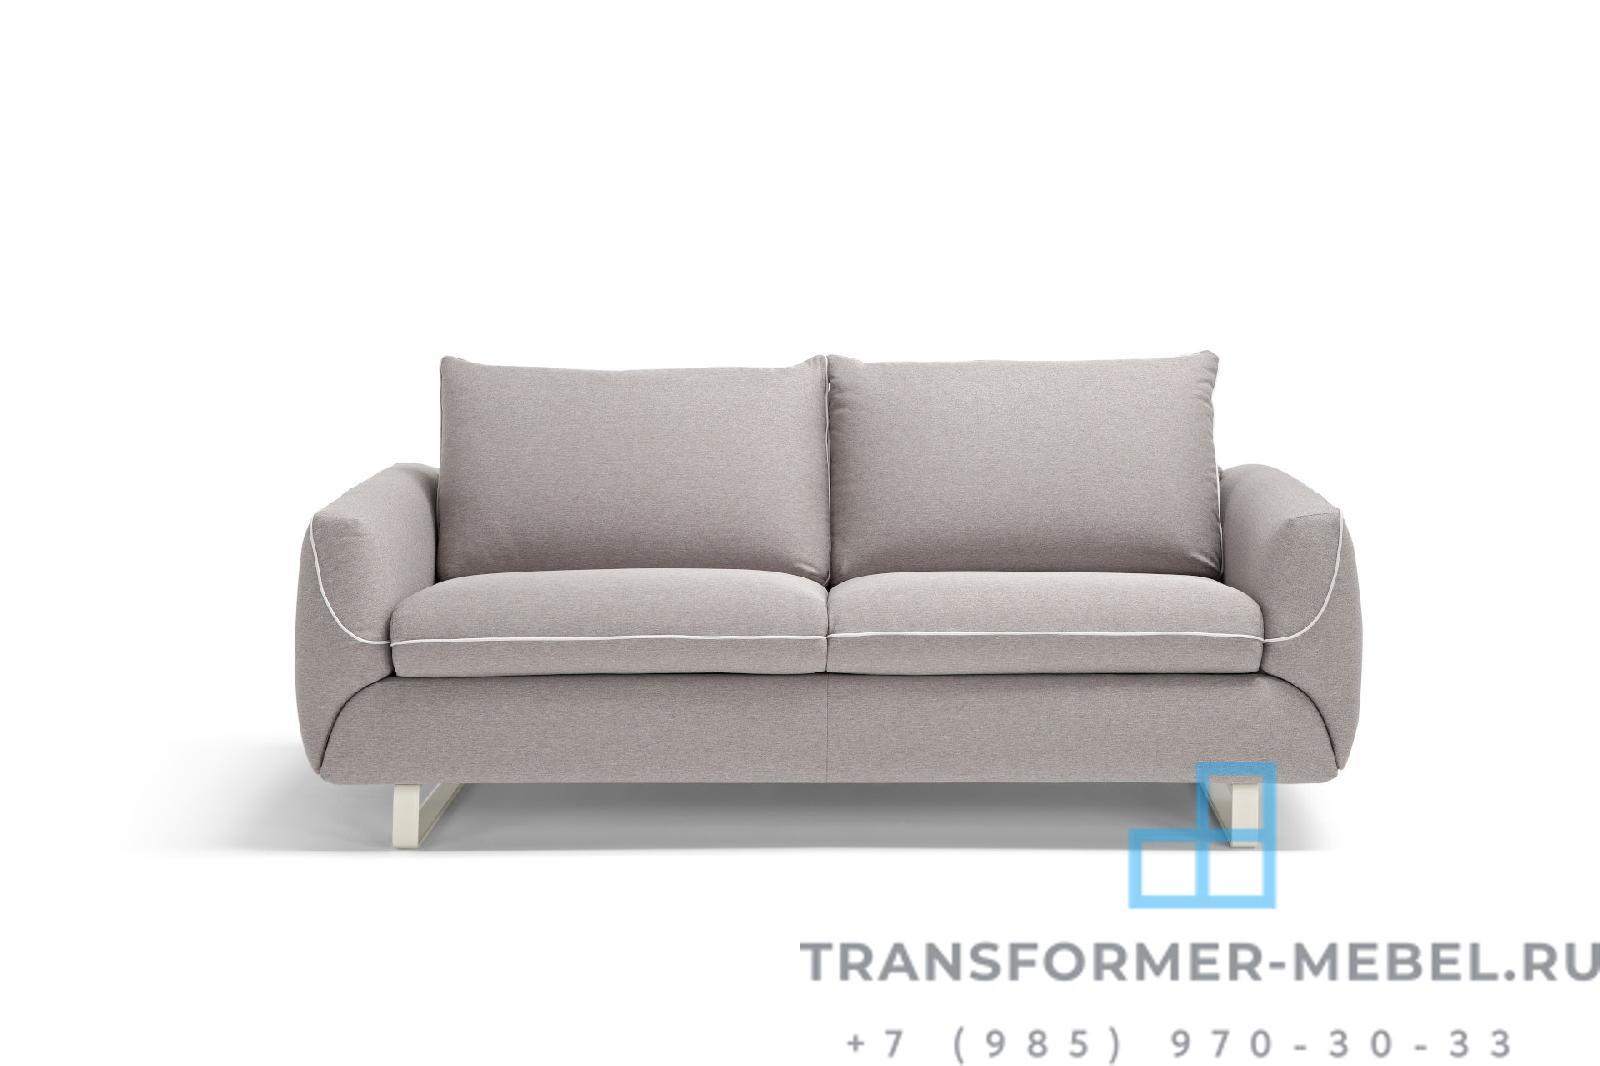 мебель трансформер диван кровать 8